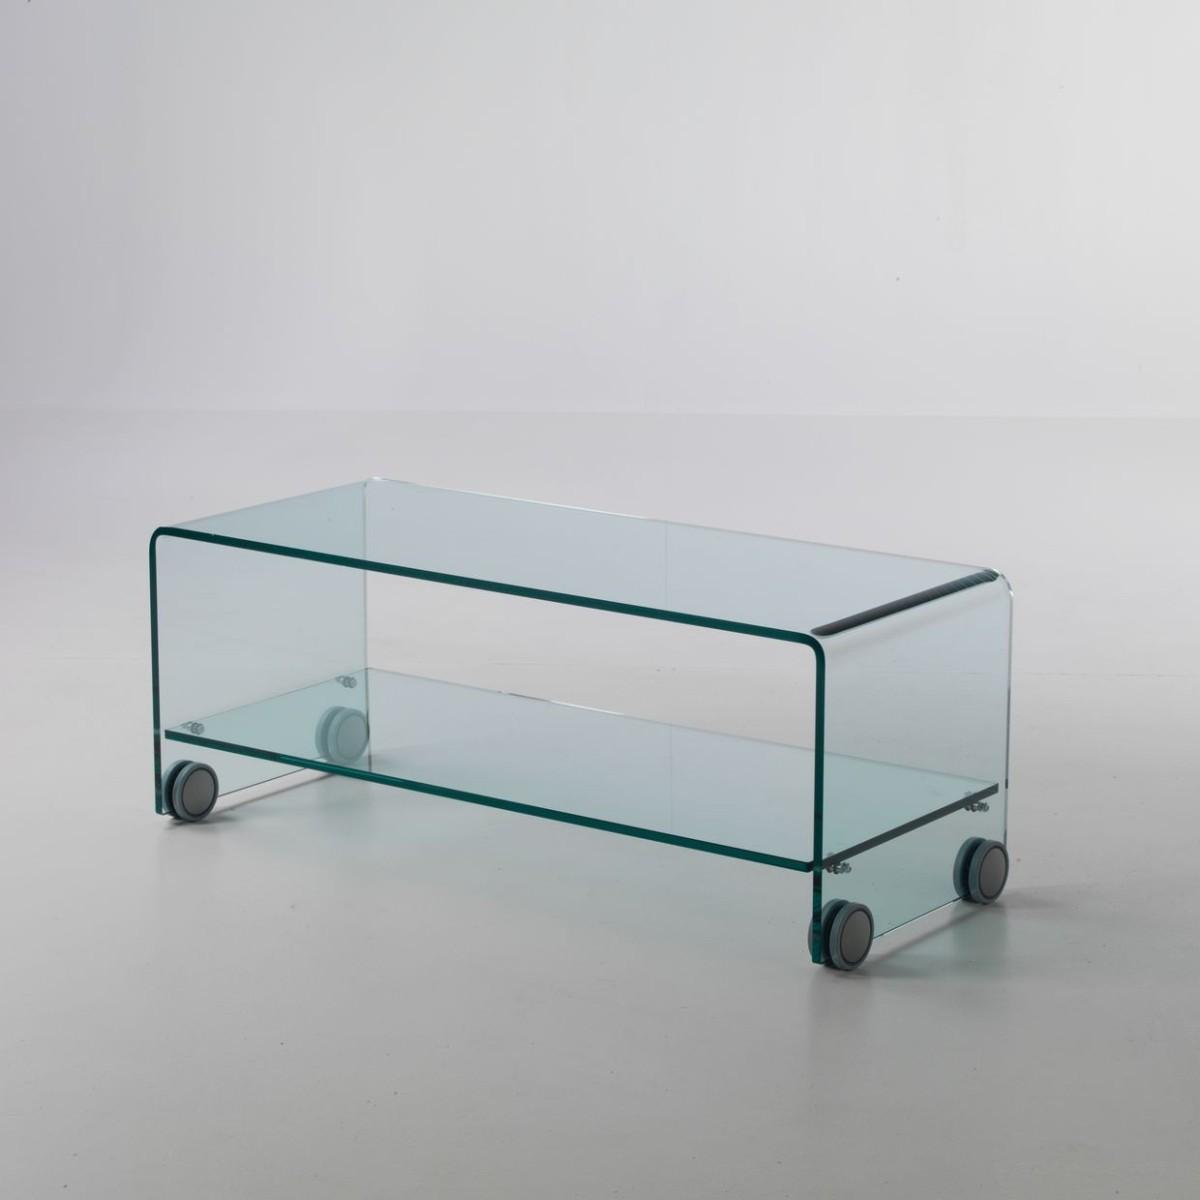 Porta tv in vetro curvato trasparente su ruote leonid - Mobili porta tv in vetro ...